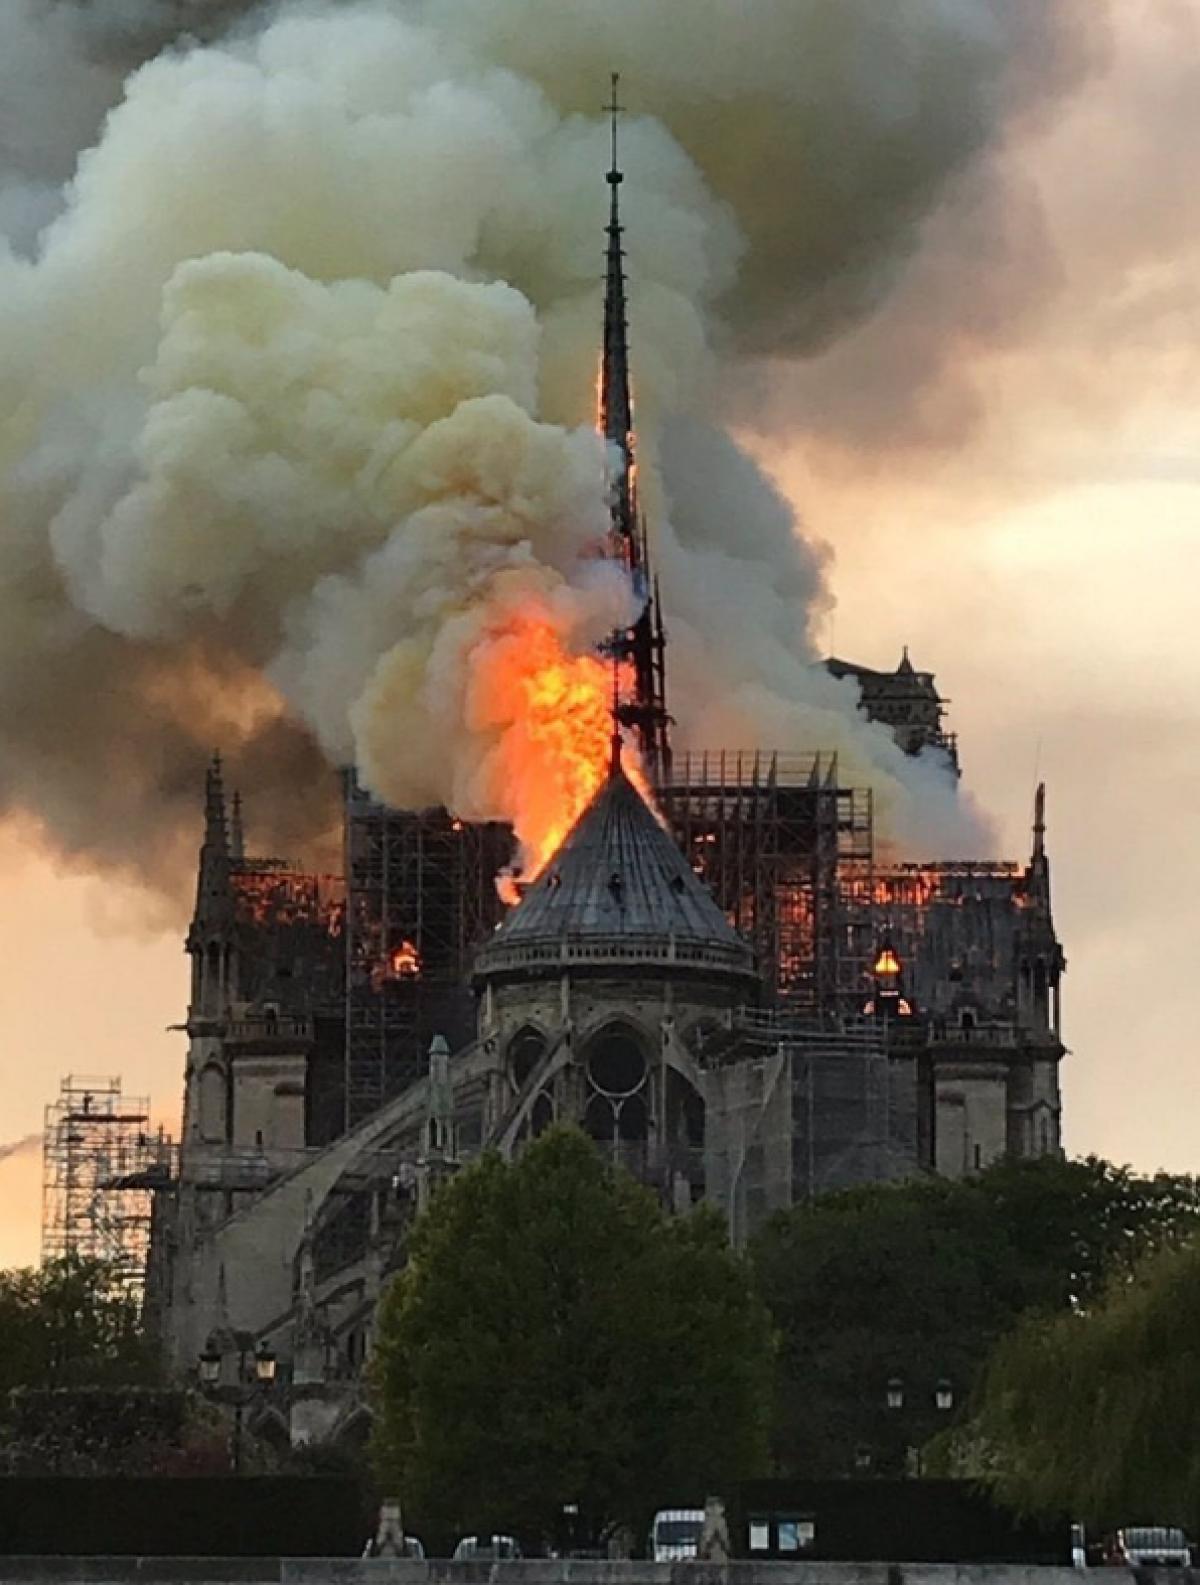 La Belle Notre Dame notre dame fire 1